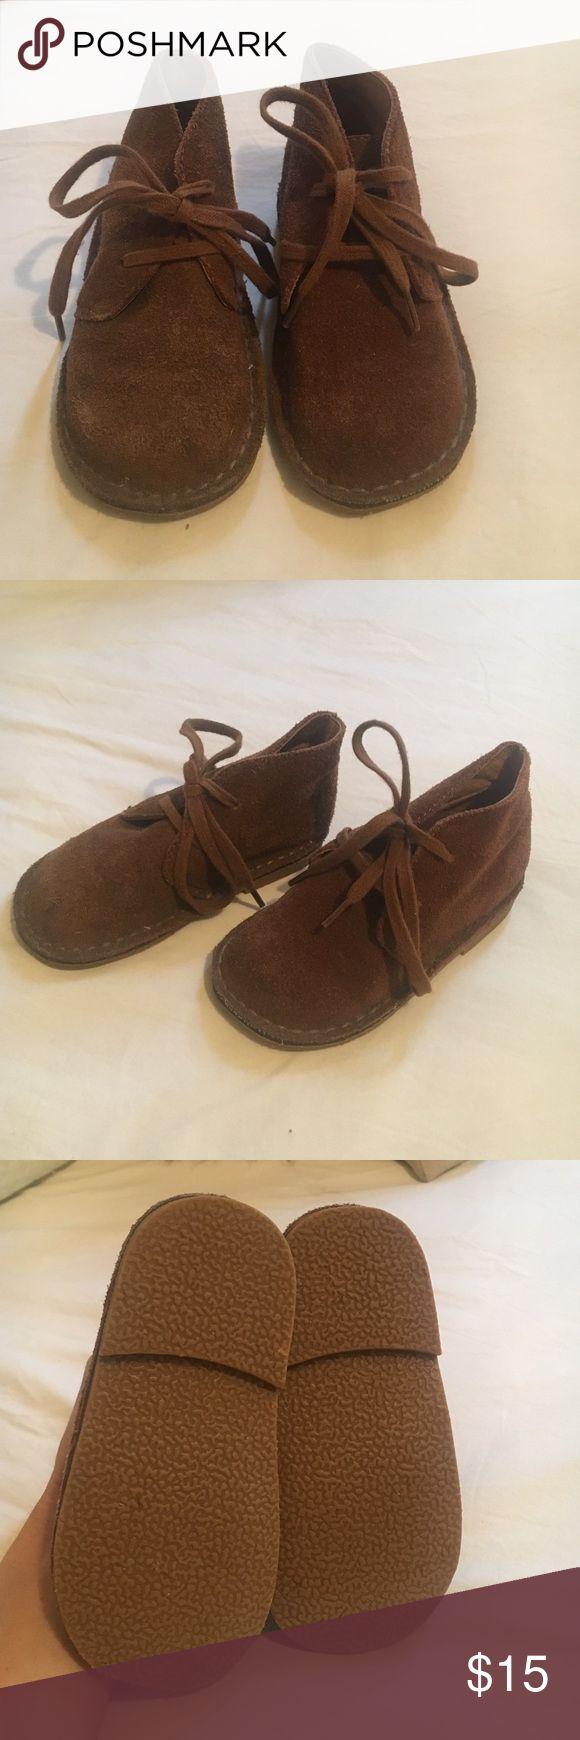 Ralph Lauren Boys Suede Shoes BRAND NEW! Brown suede leather shoes! Ralph Lauren Shoes Dress Shoes